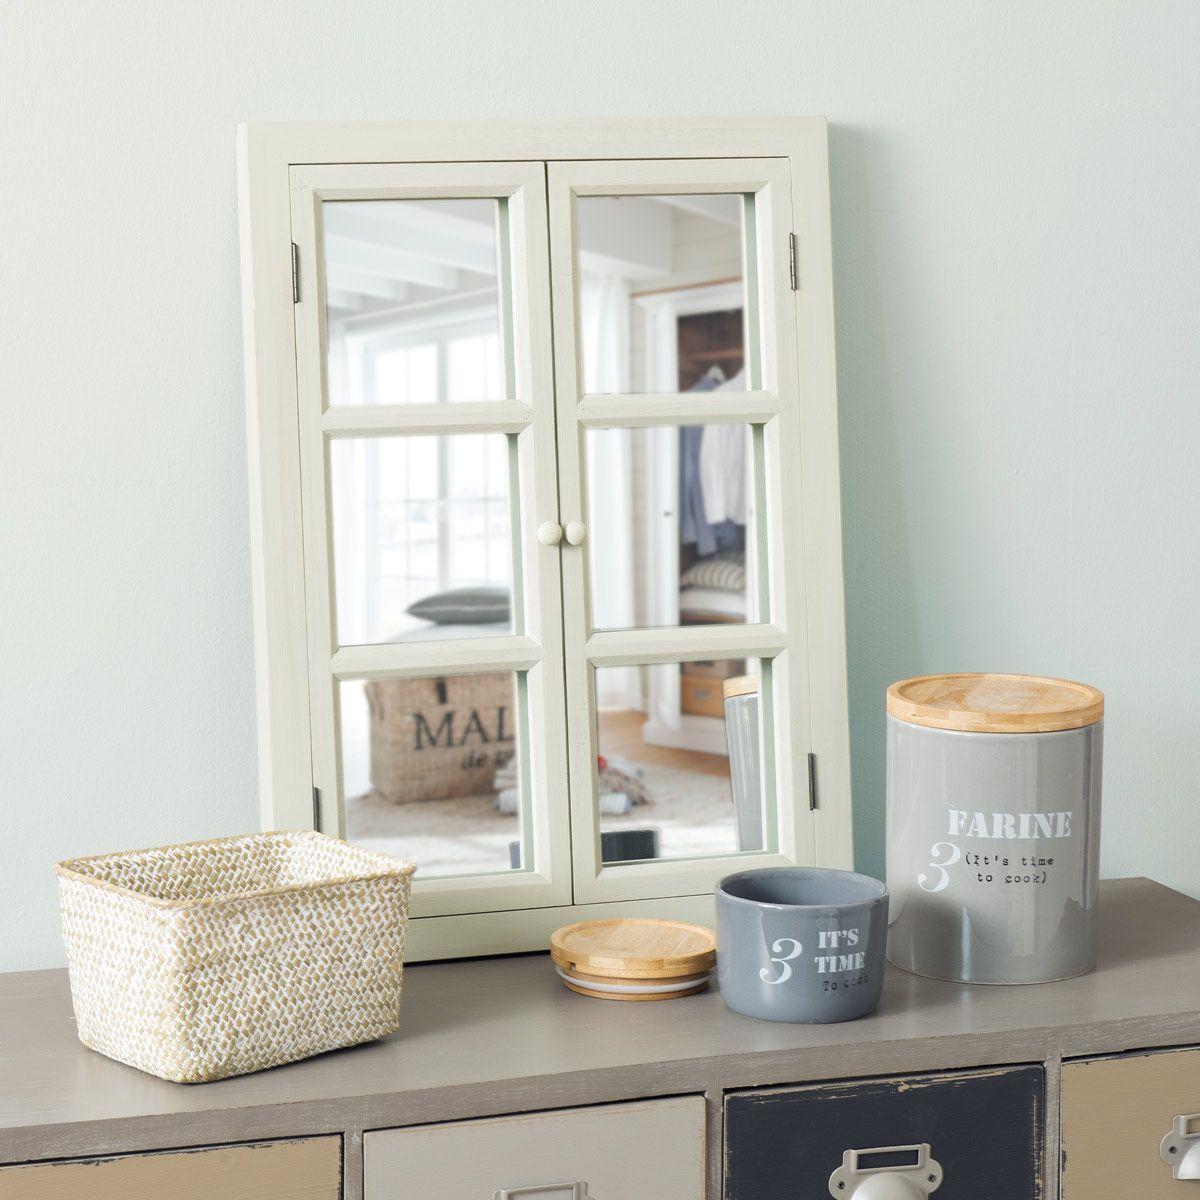 miroir fen tre vert d 39 eau petit mod le studios pinterest mod le maison miroirs et maison. Black Bedroom Furniture Sets. Home Design Ideas